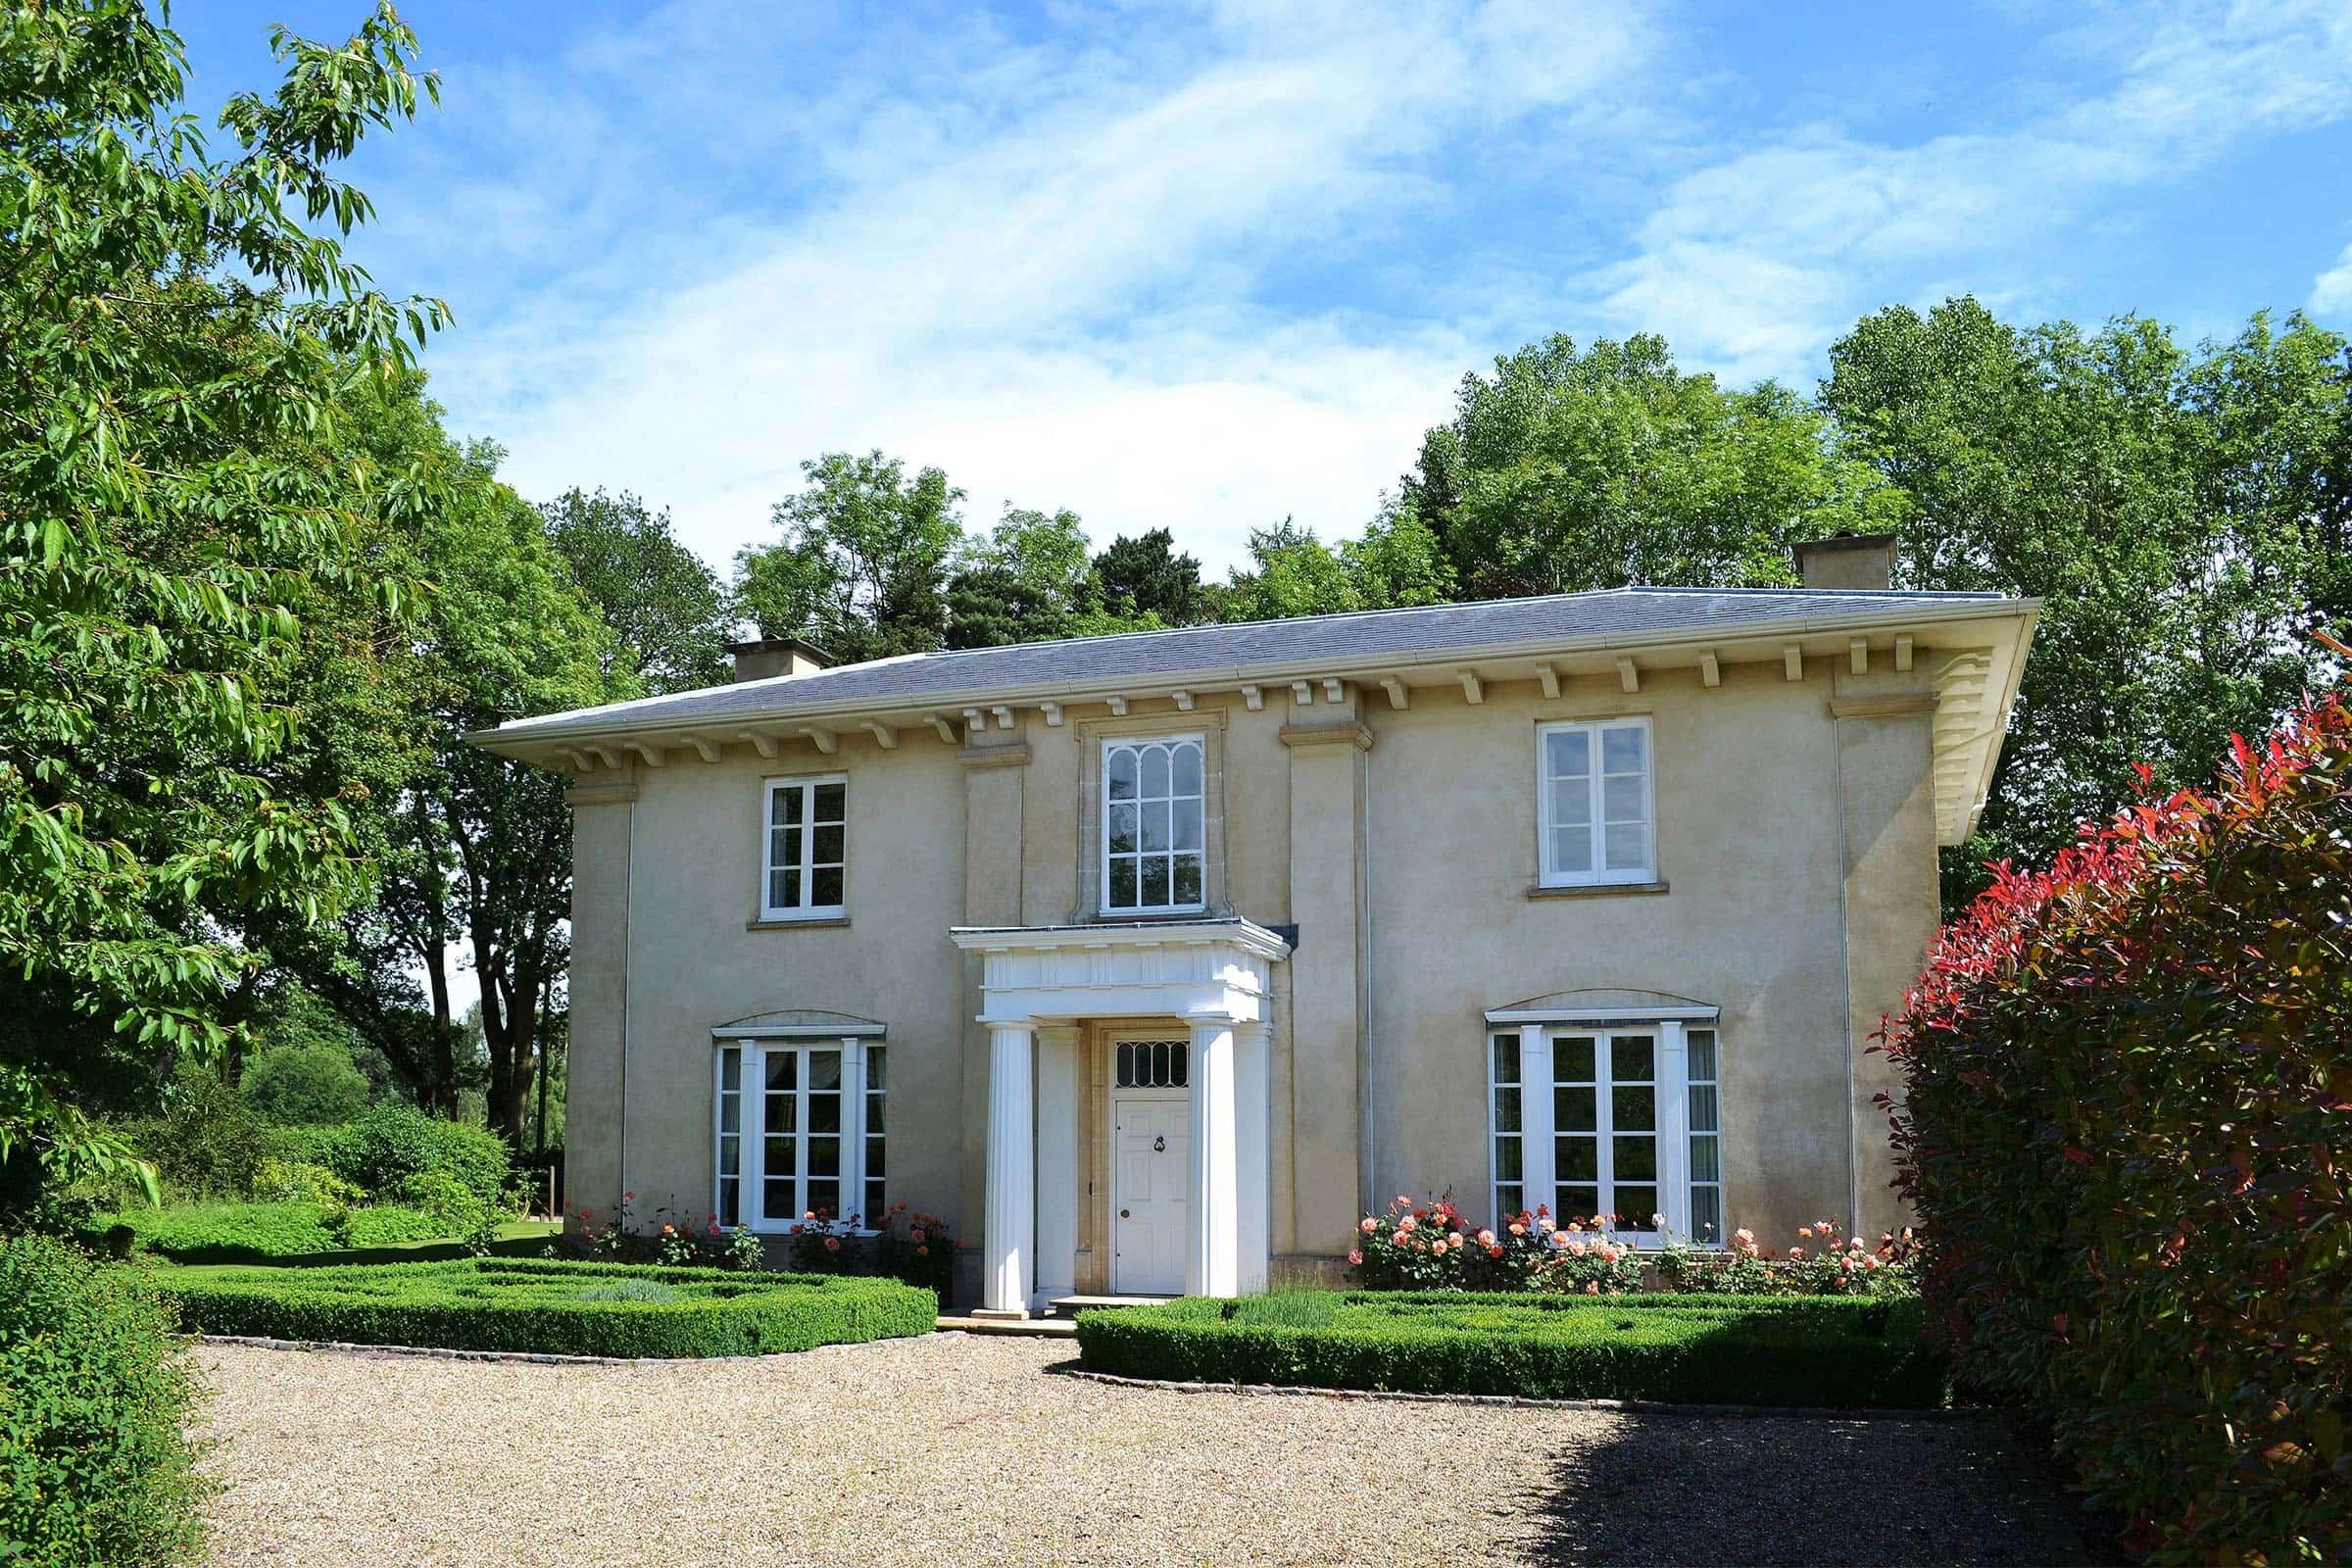 Regency Farmhouse, Hertfordshire